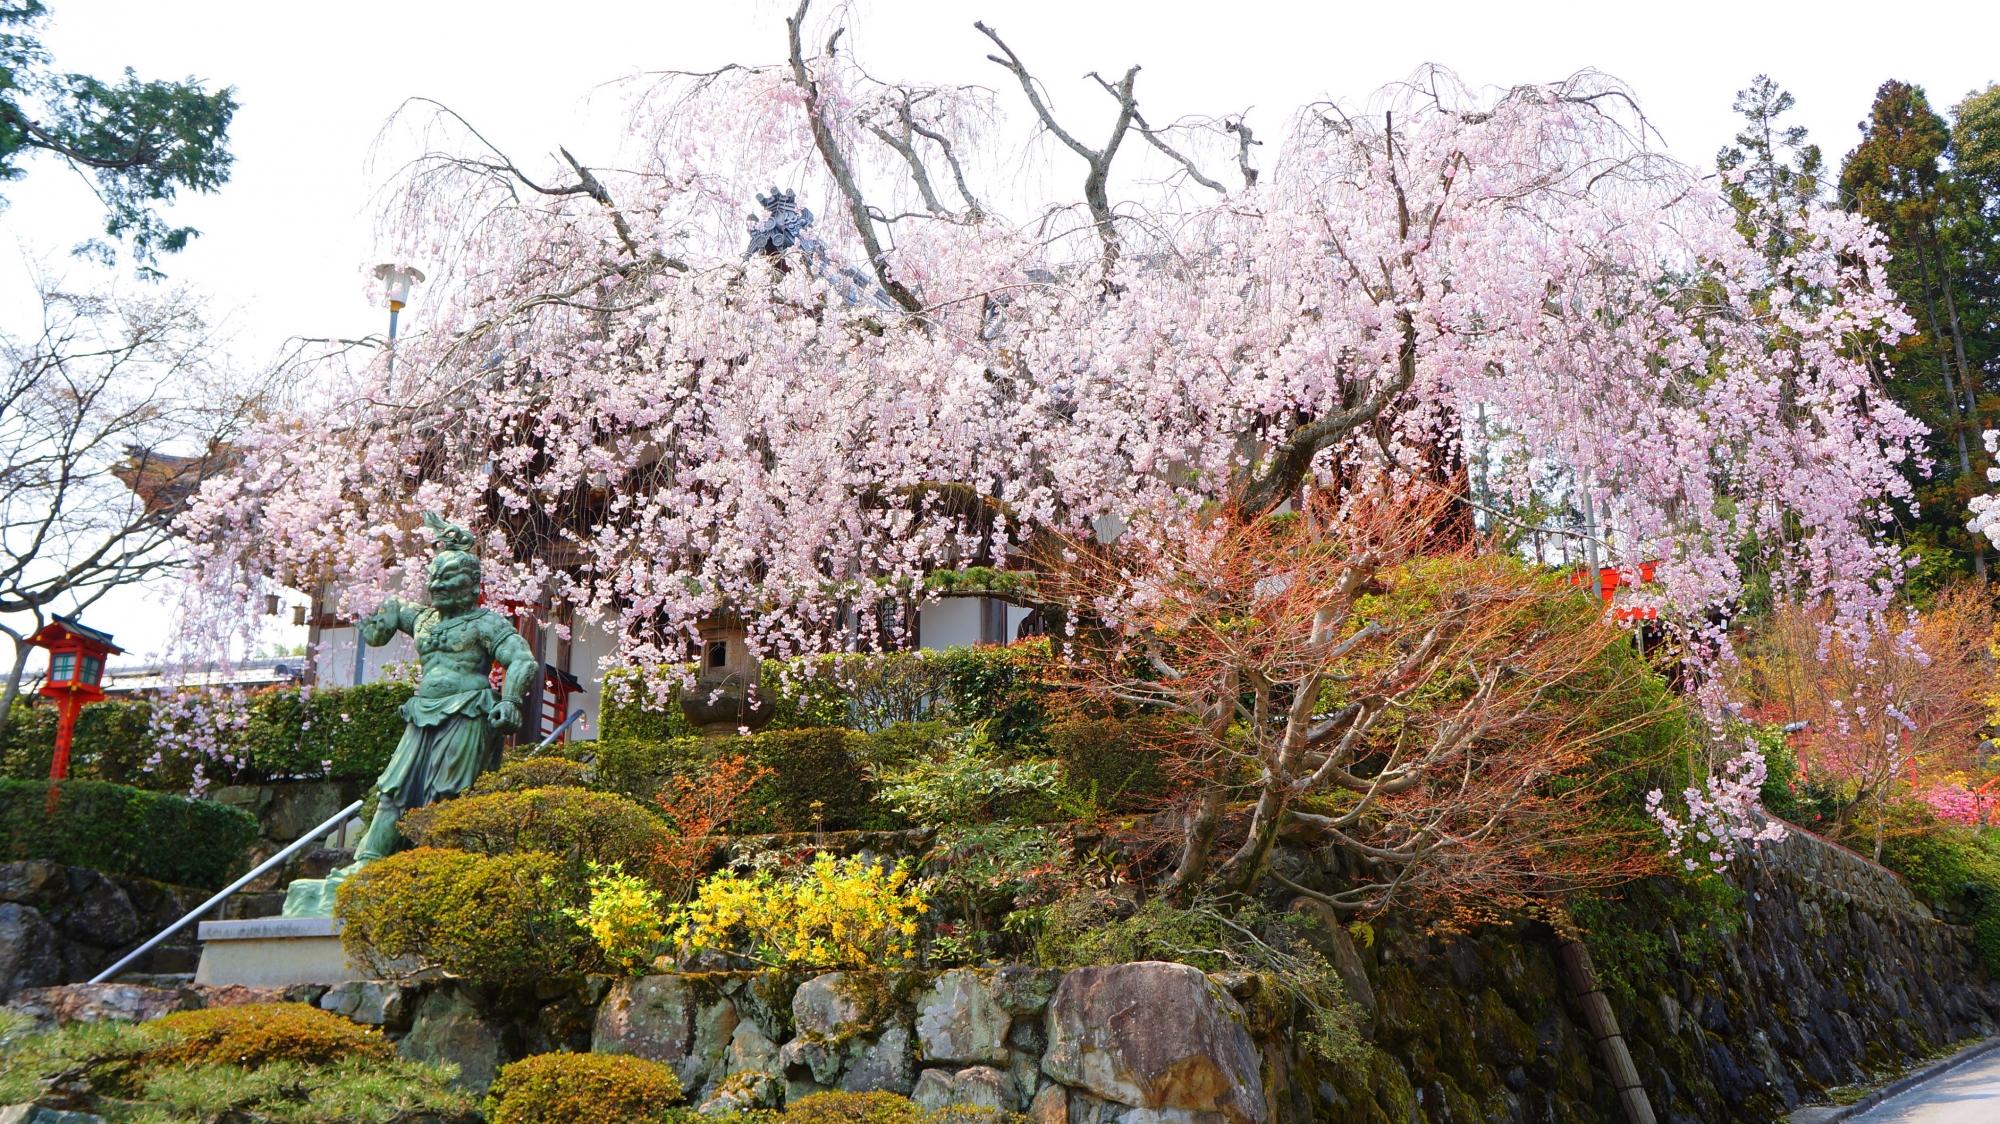 正法寺の春日不動尊堂を春色につつむ見事なしだれ桜